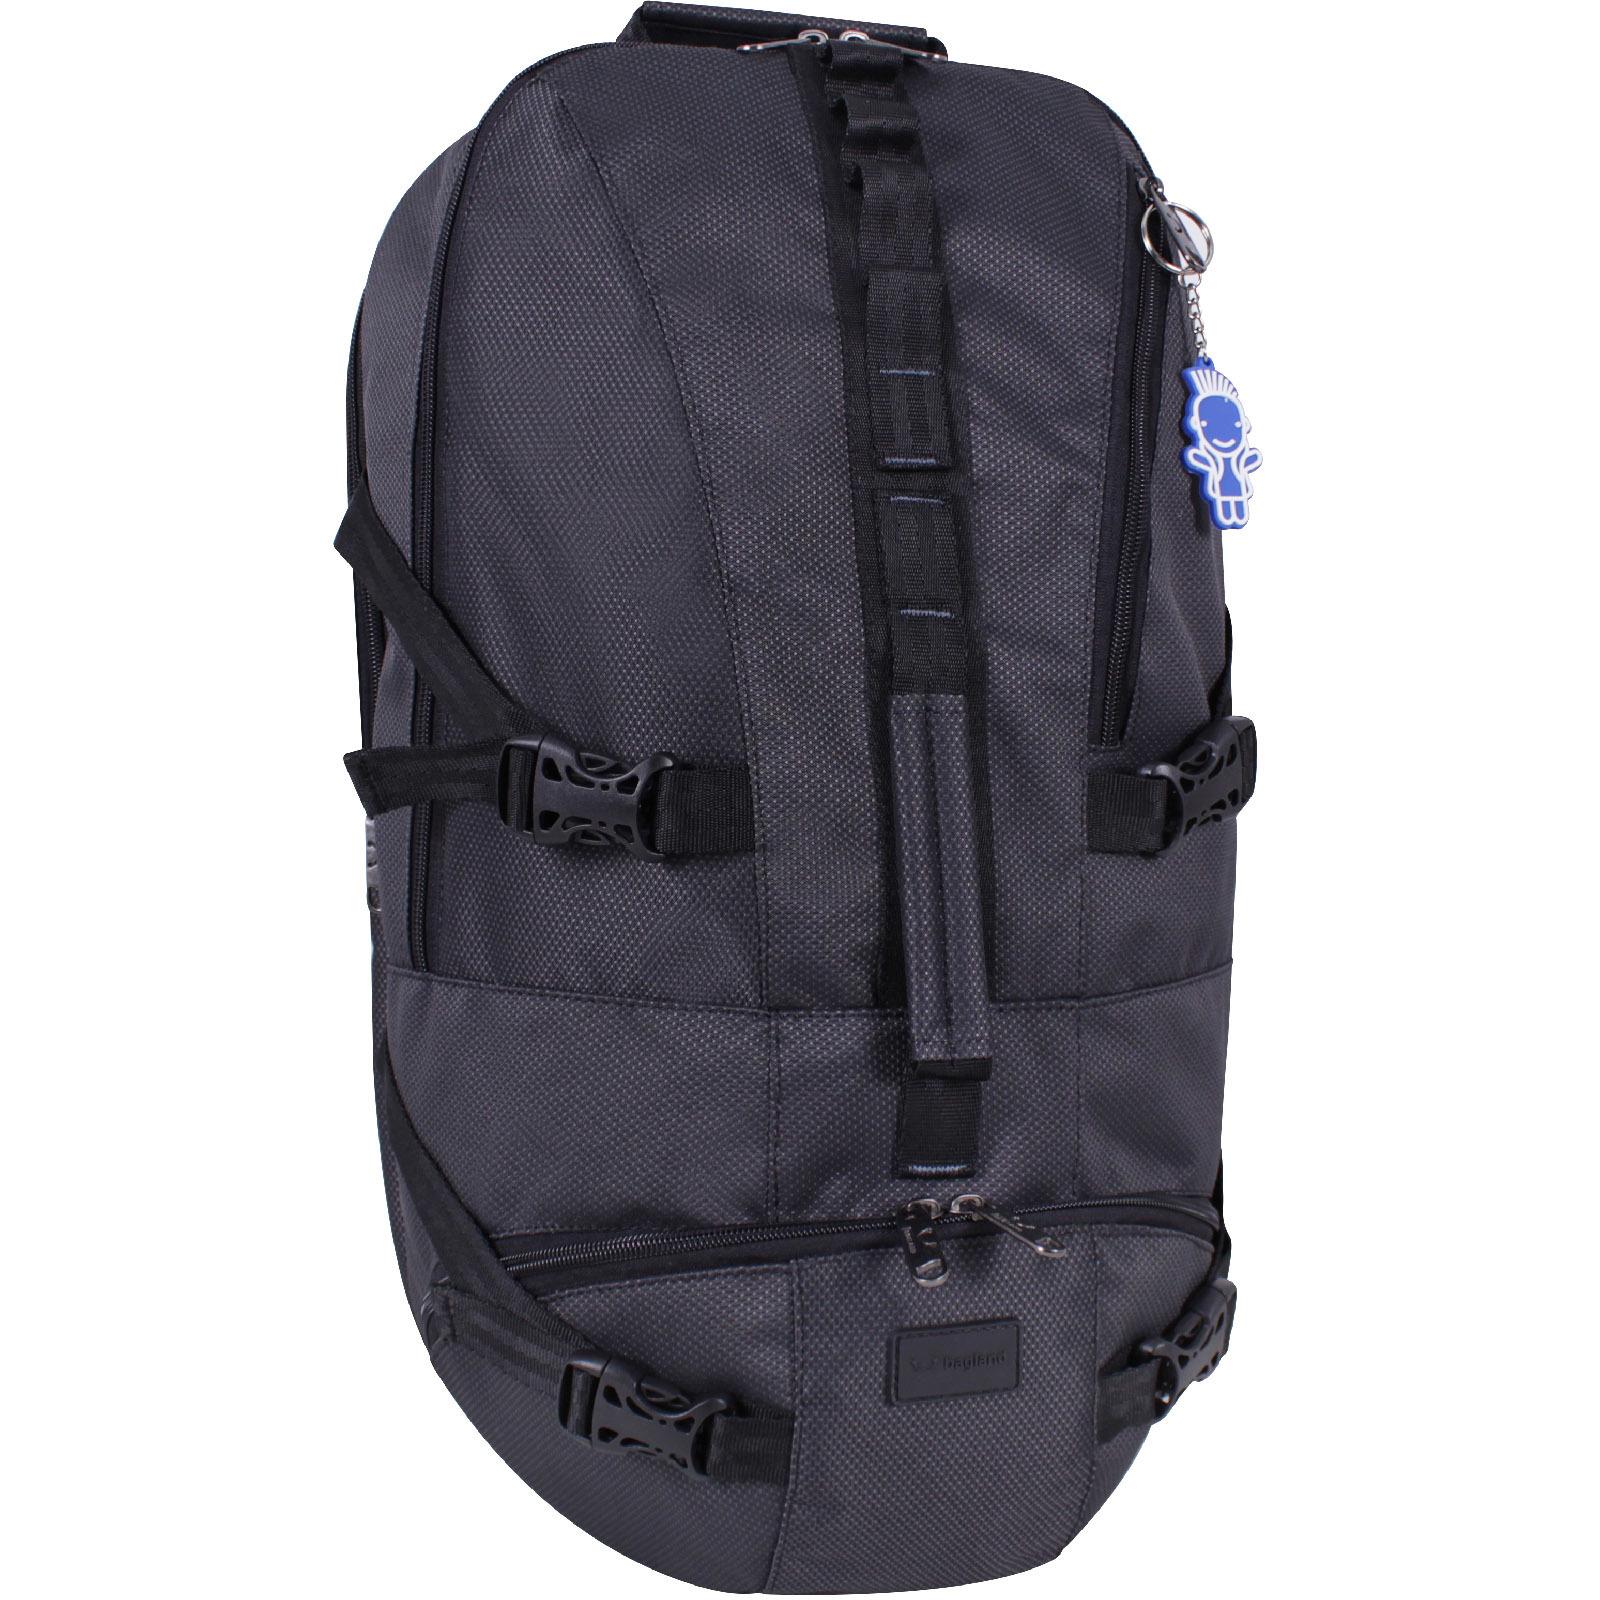 Мужские рюкзаки Рюкзак Bagland Пылесос 31 л. Чёрный (00114169) IMG_0216.jpg